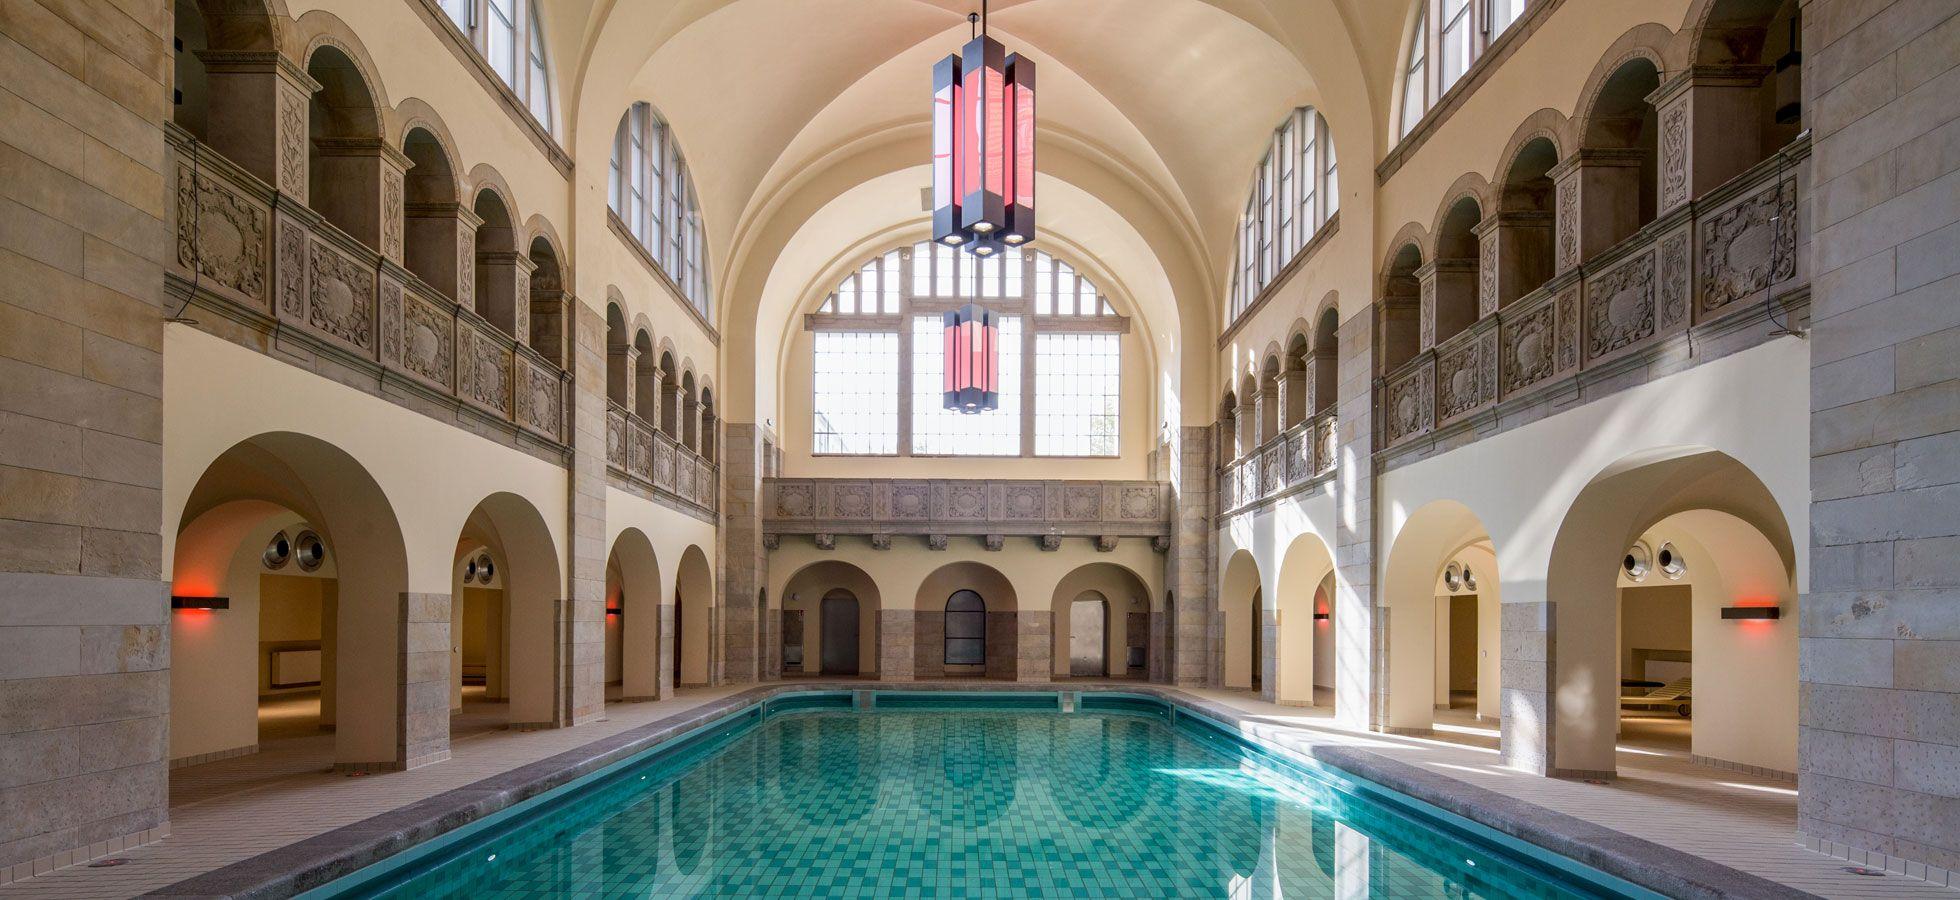 Die Schwimmhalle ist das Herzstück des Stadbades. Seit 1986 ist hier niemand mehr geschwommen. Das Bad wurde aufwändig saniert, historisch baden und schwimmen – wie früher, aber eben doch anders. Das Schwimmbecken ist 20m lang und 1.35m tief, die Wassertemperatur beträgt 24 Grad. Das Bad ist seit 17.10.2016 eröffnet. Bitte prüfen Sie vor …